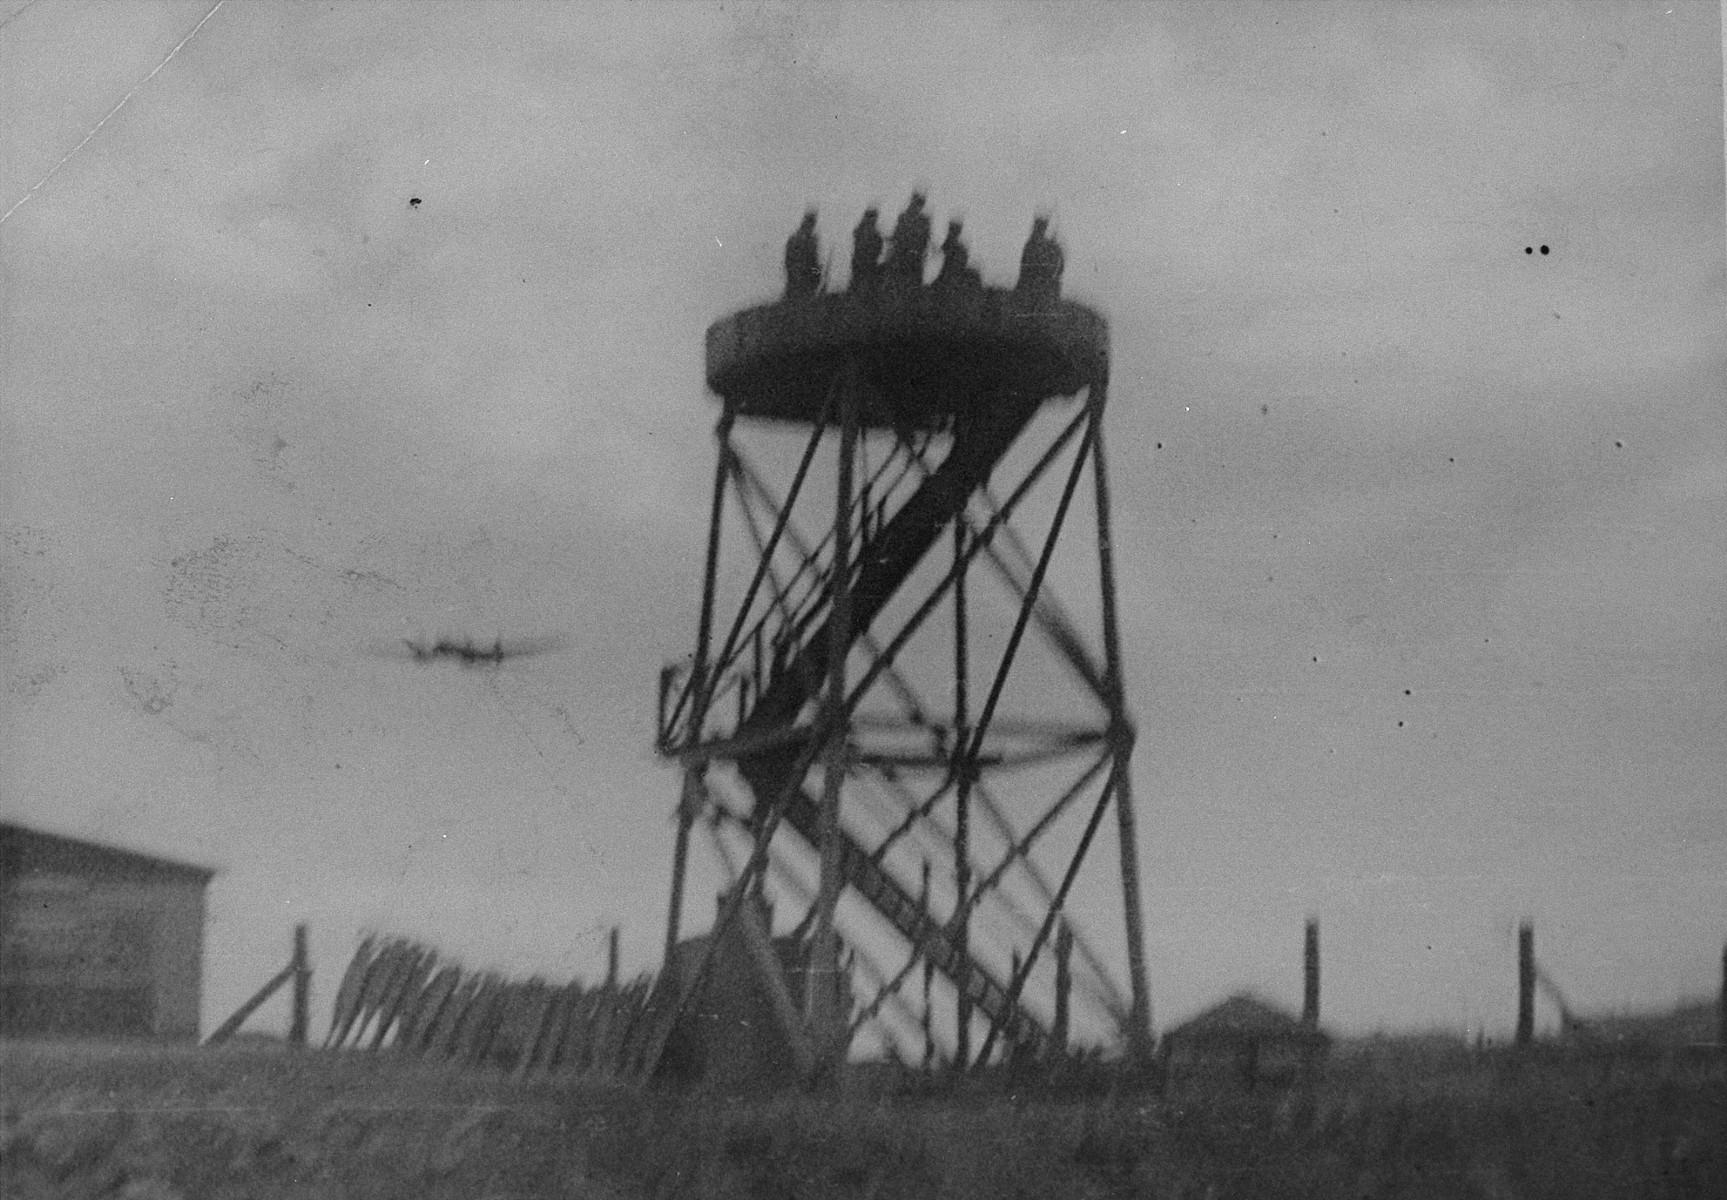 An American bomber over Plaszow.